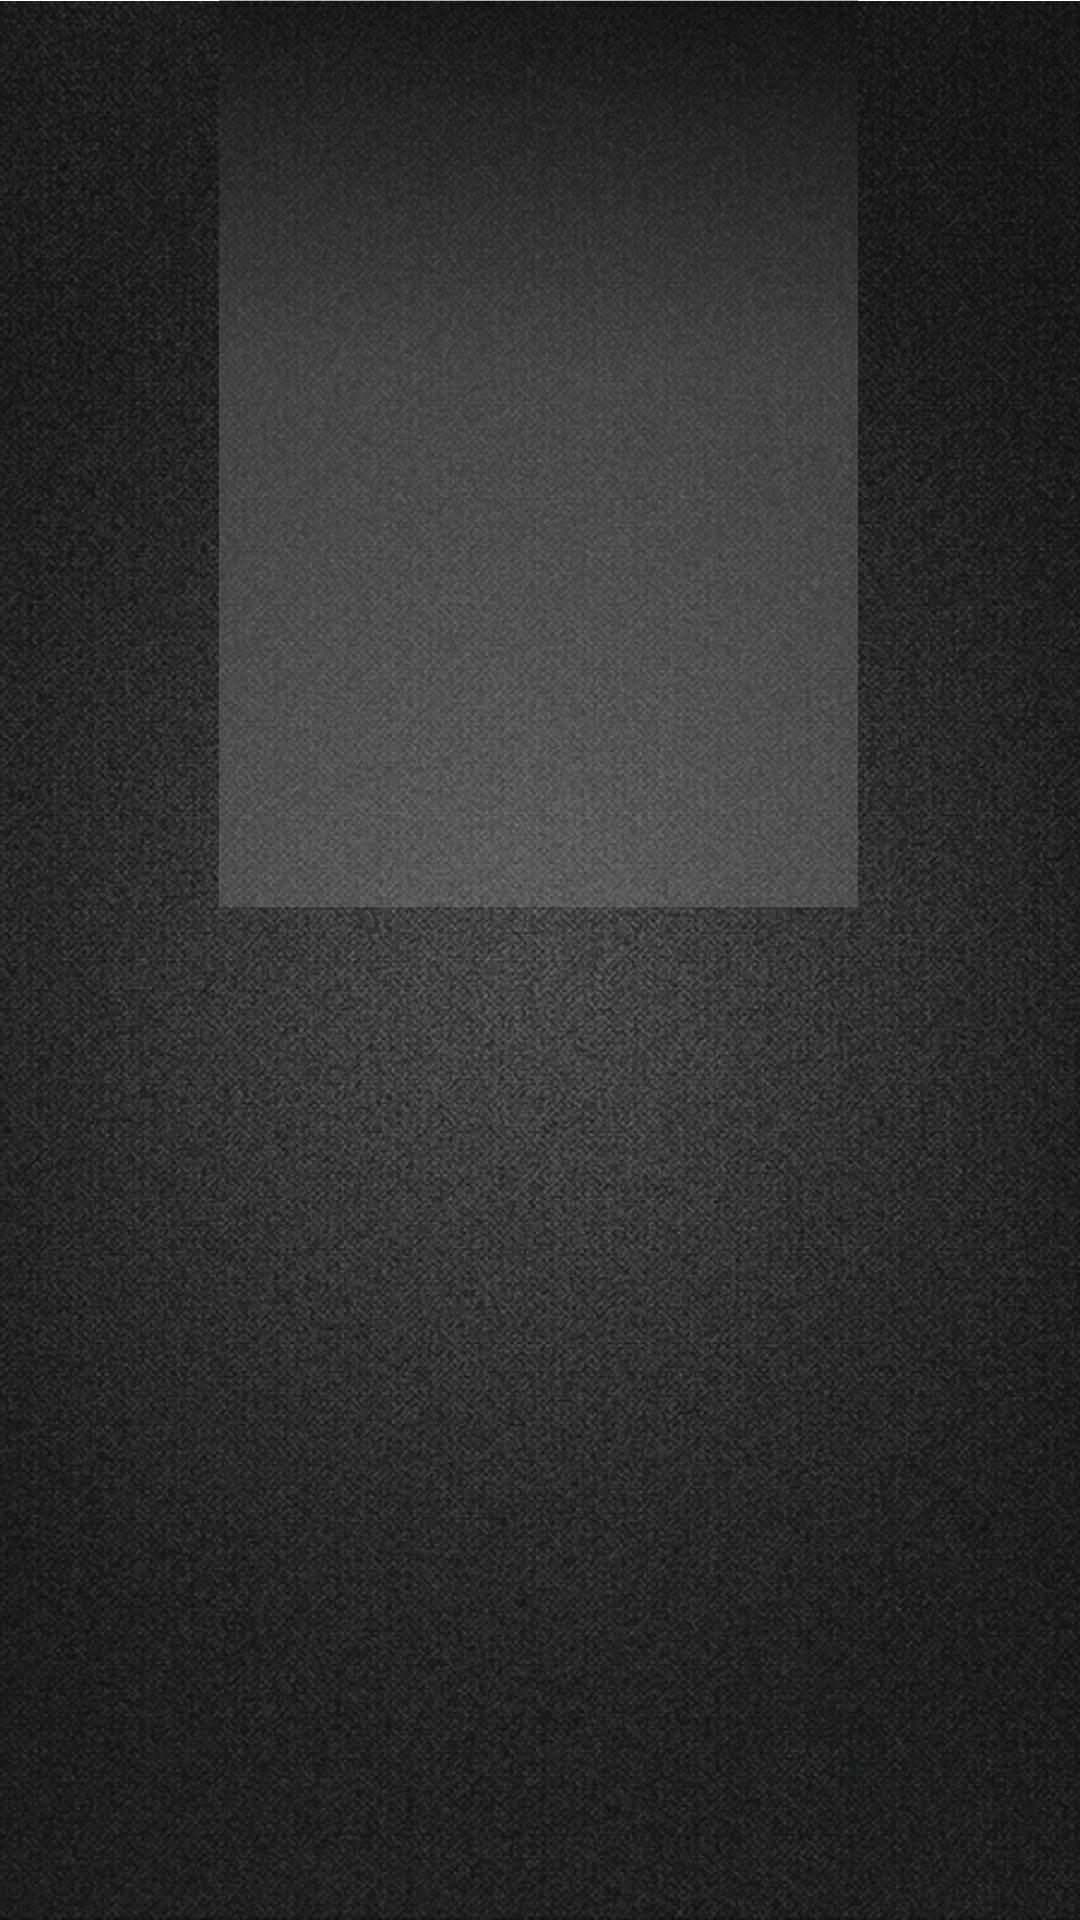 iPhone 8 Plus,7 Plus,6s Plus 壁紙 wallpaper 0175